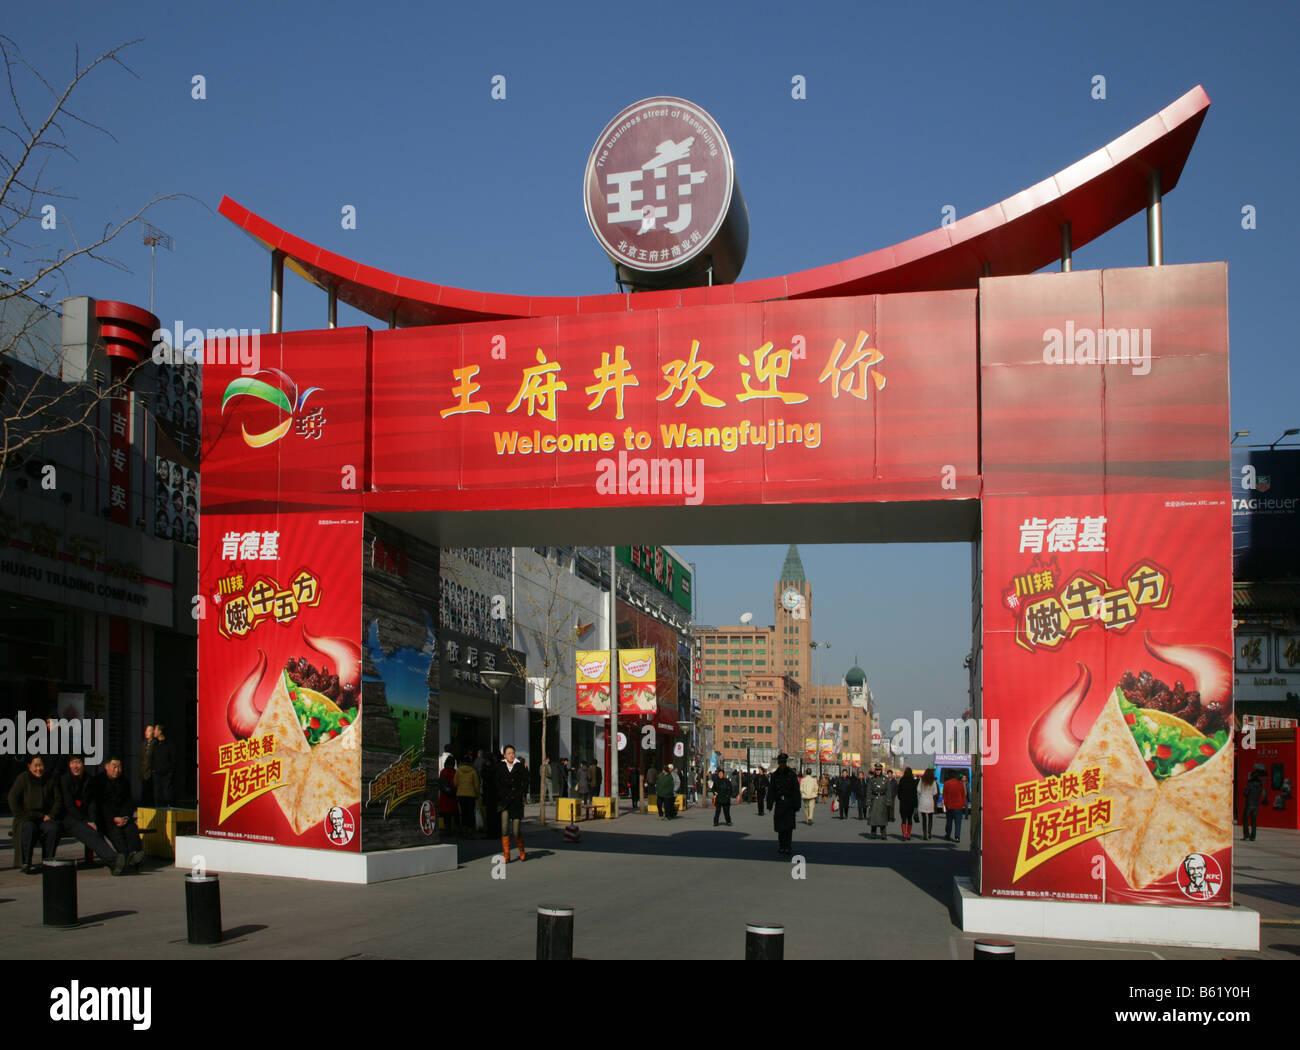 Wangfujing Street modern shopping street Beijing China - Stock Image